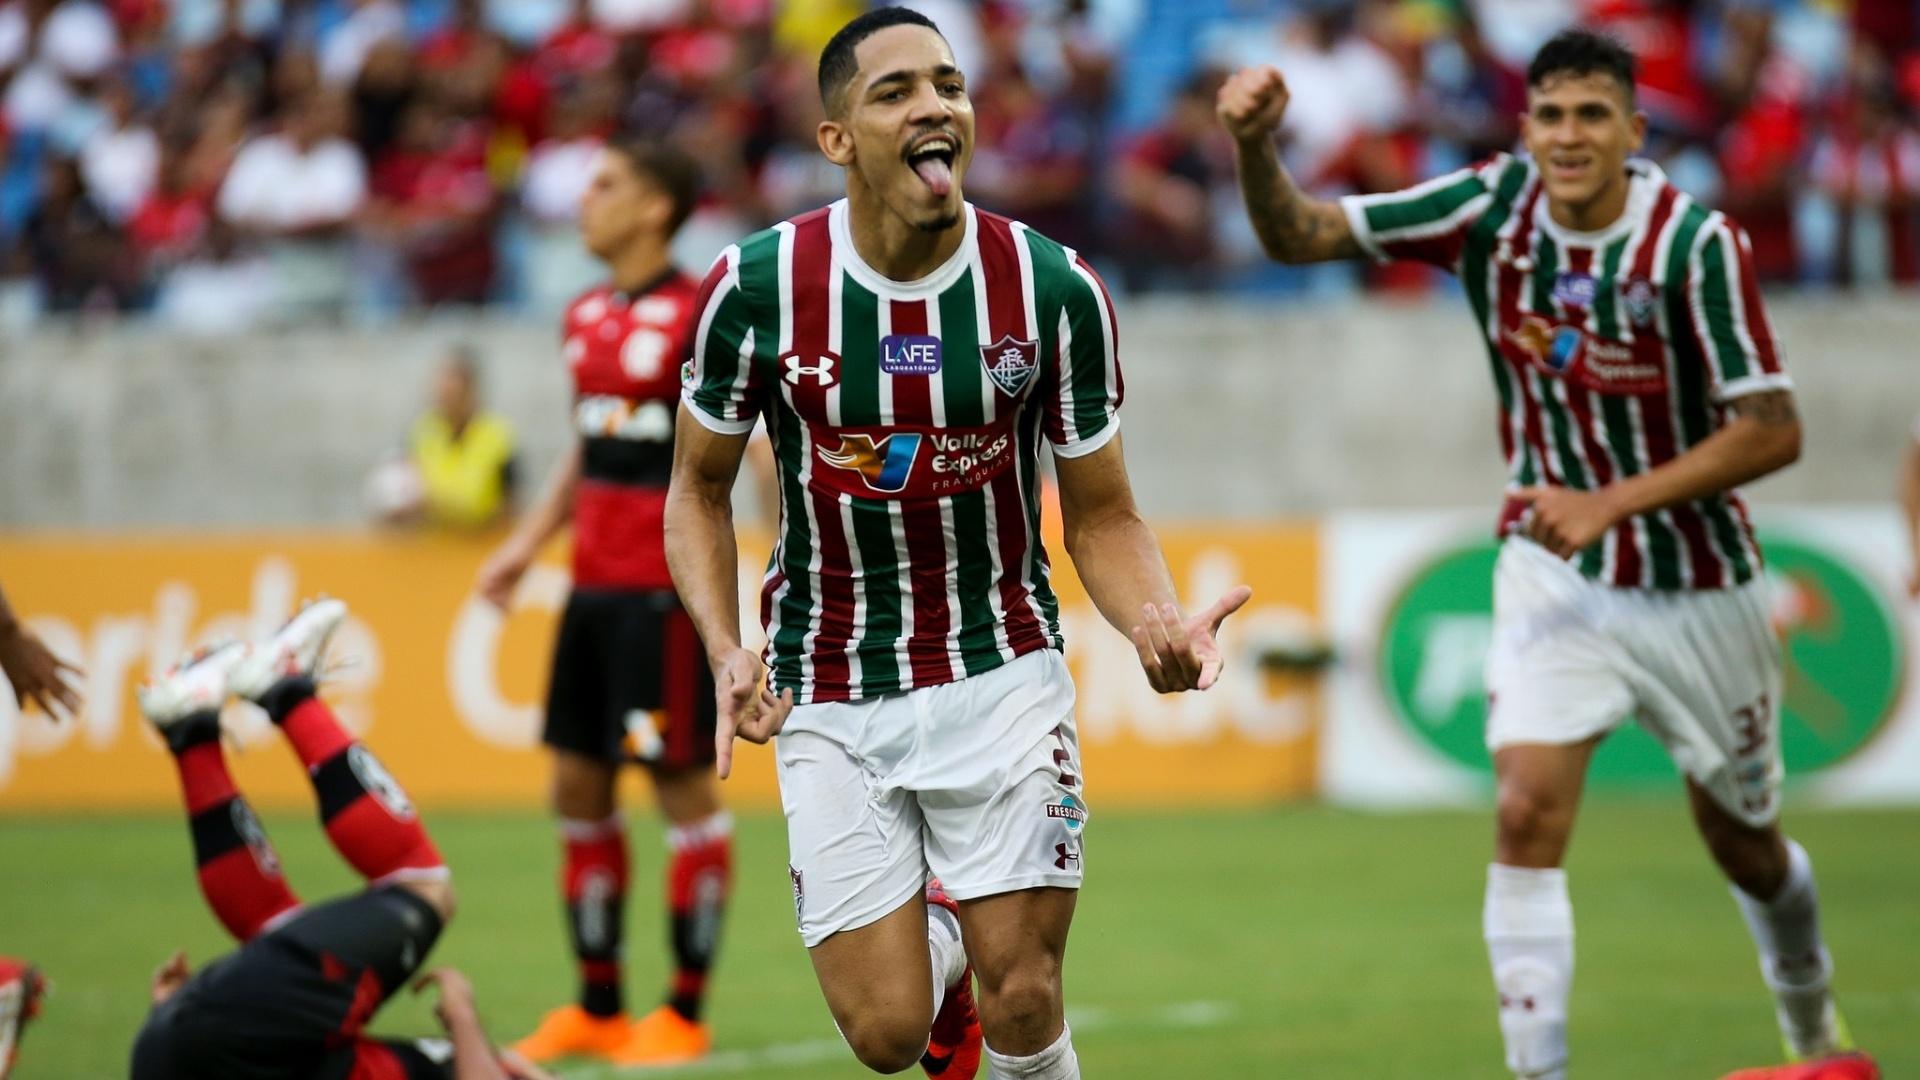 Gilberto comemora seu gol no duelo entre Fluminense e Flamengo pela segunda rodada da Taça Rio em Cuiabá, na Arena Pantanal